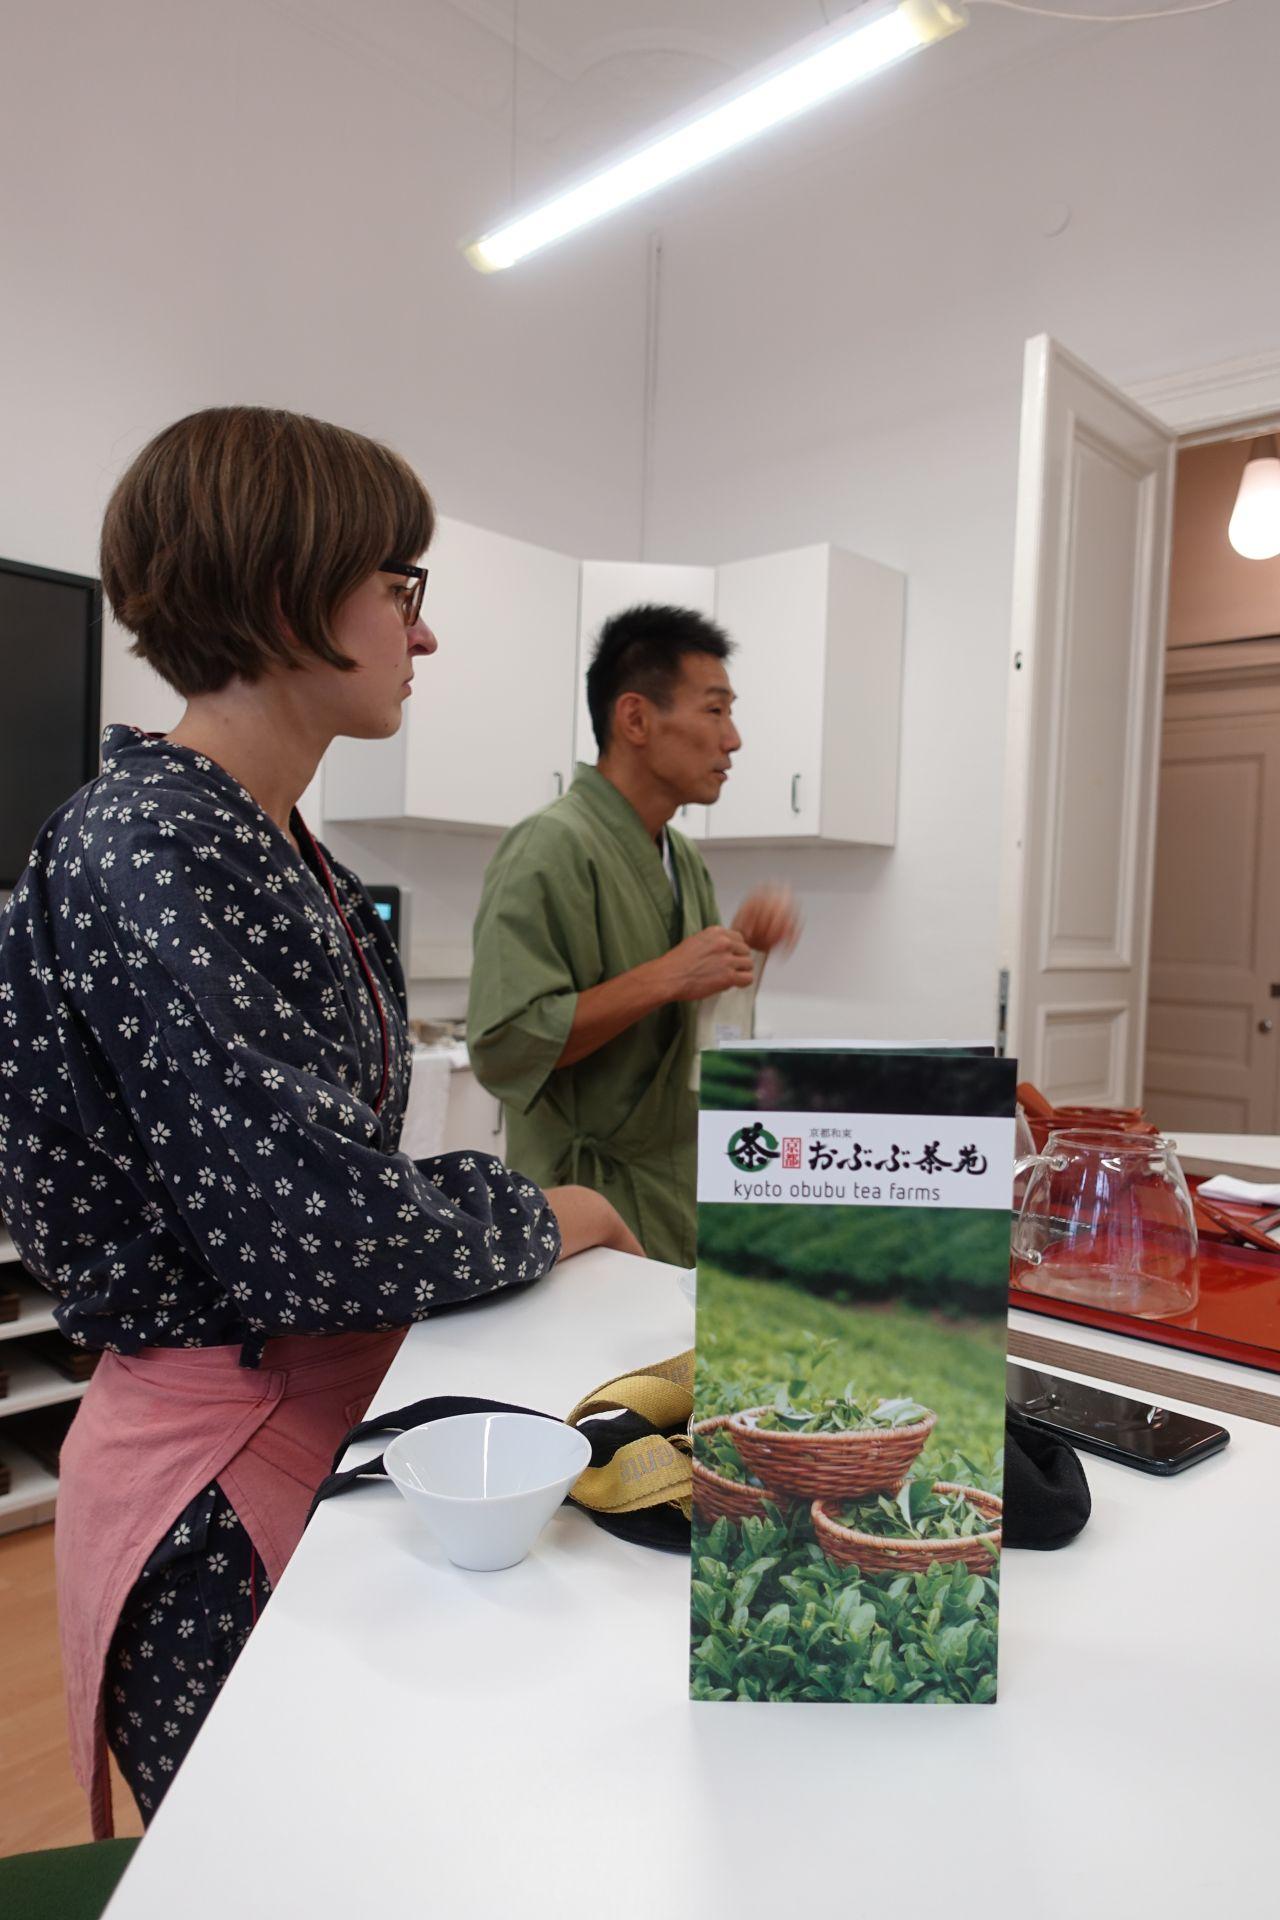 日本茶セミナー in ベルリン・ティー・アカデミー 日本茶普及海外ツアー・欧州遠征2018